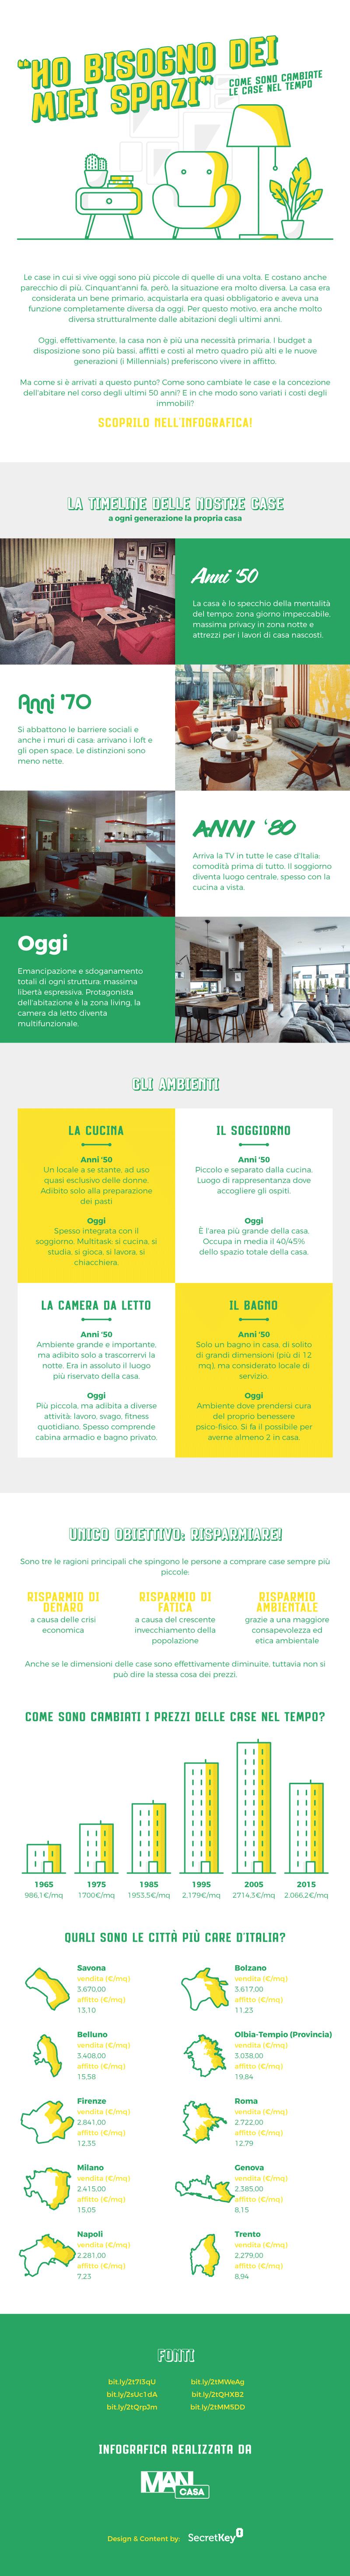 Le case in Italia: come sono cambiate dagli anni Cinquanta a oggi? infografica